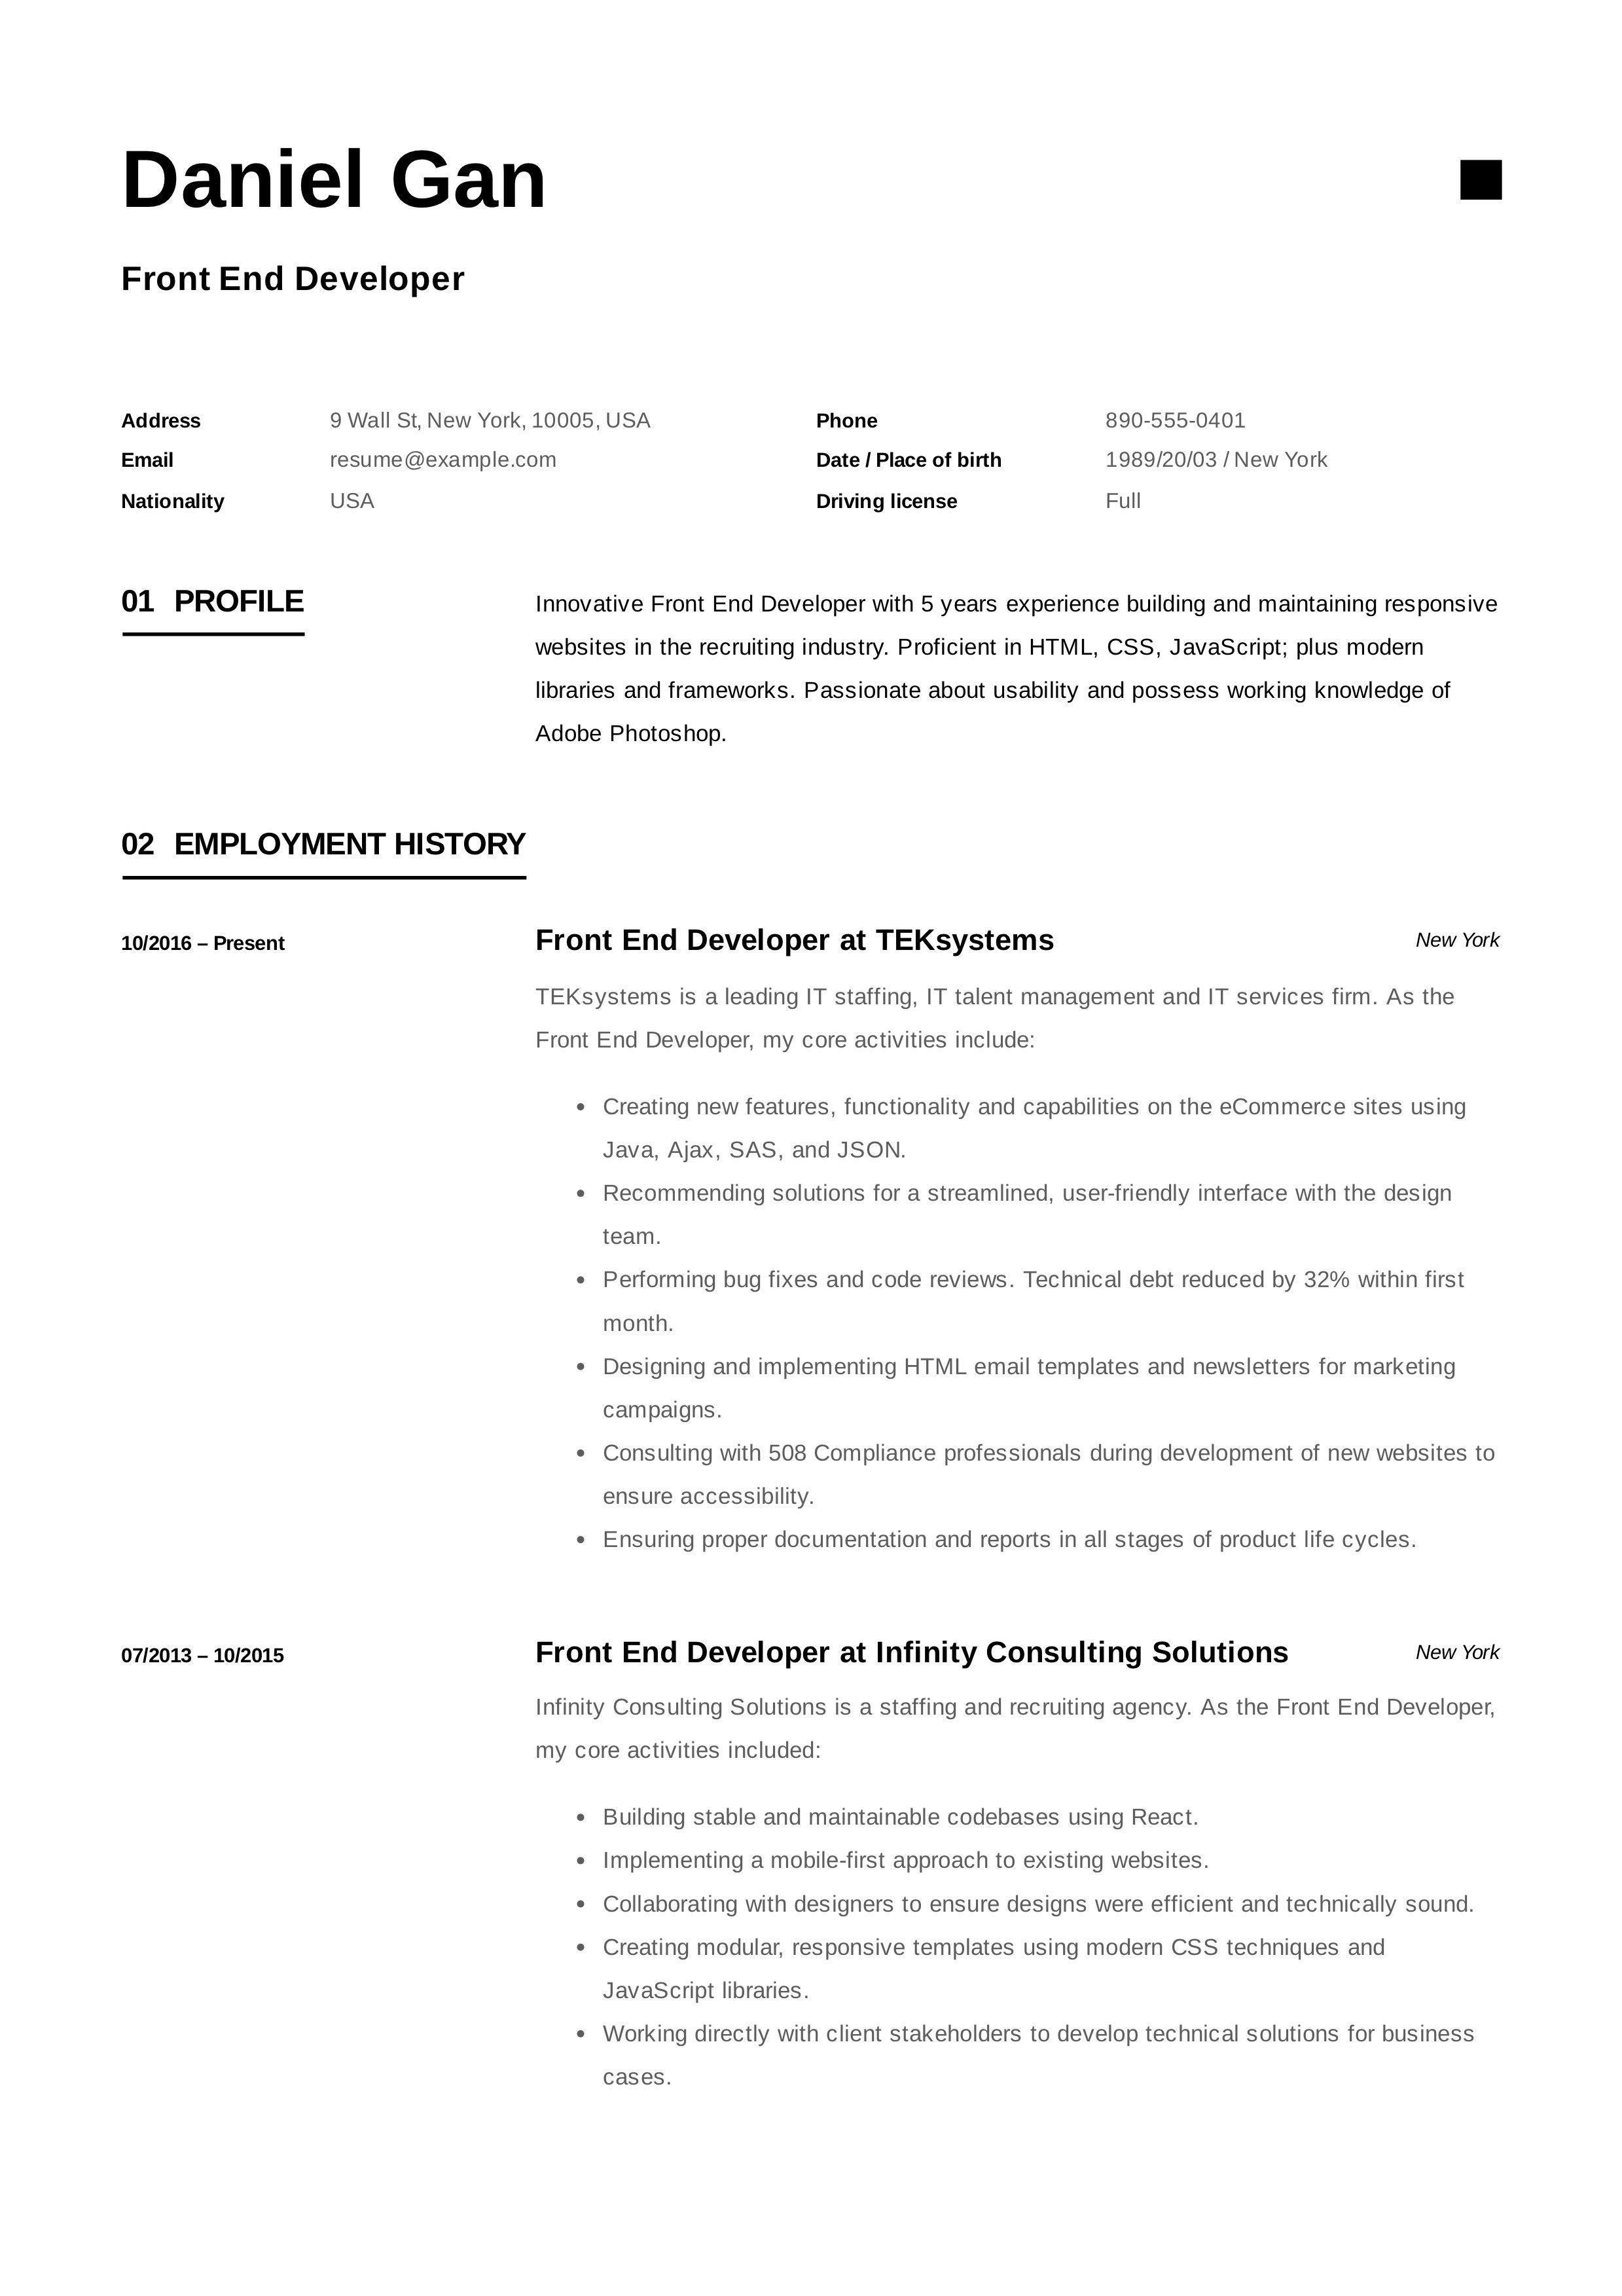 Front End Developer Resume Guide